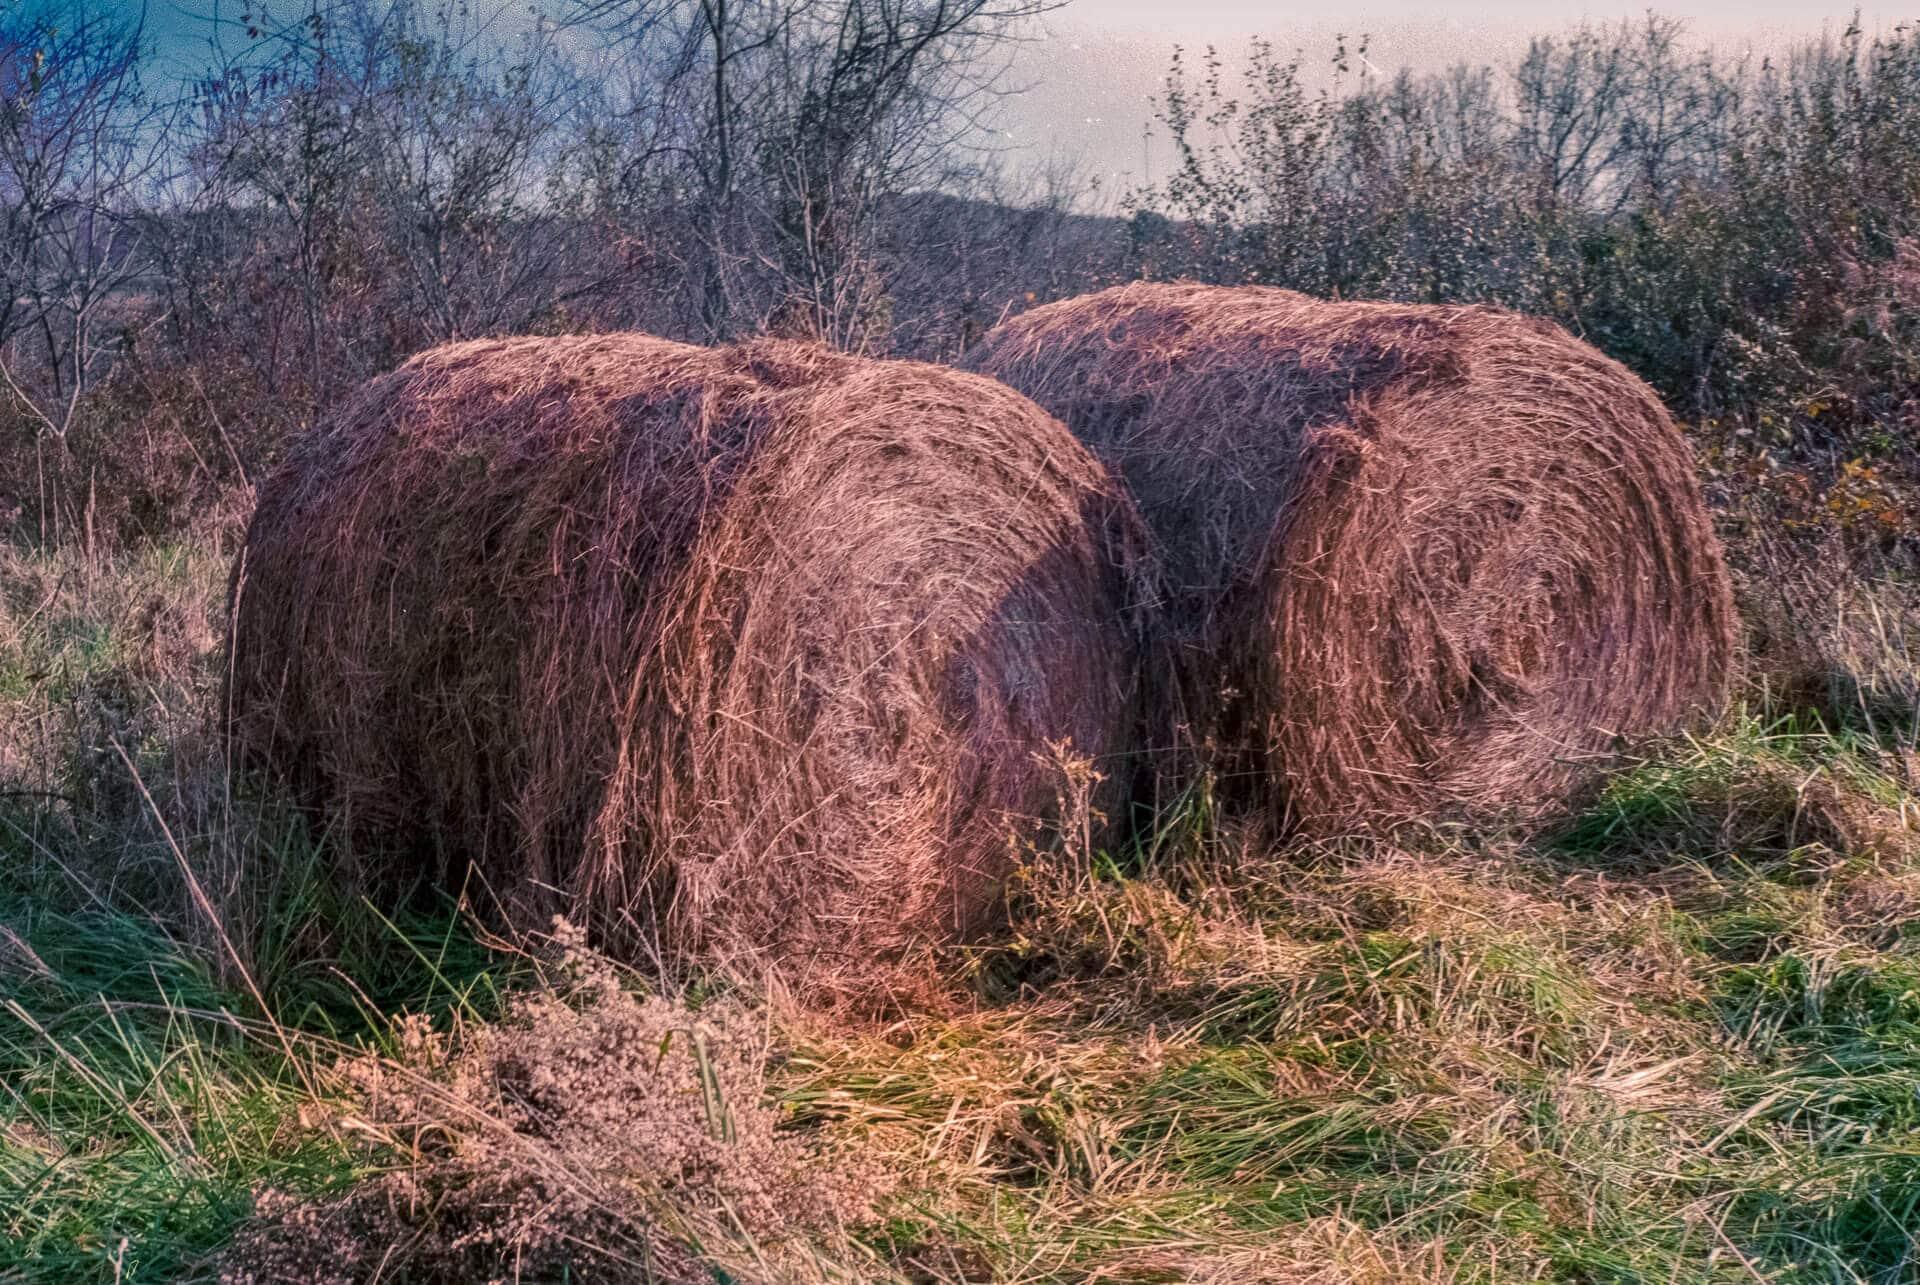 Haystacks, shot on Fuji C200